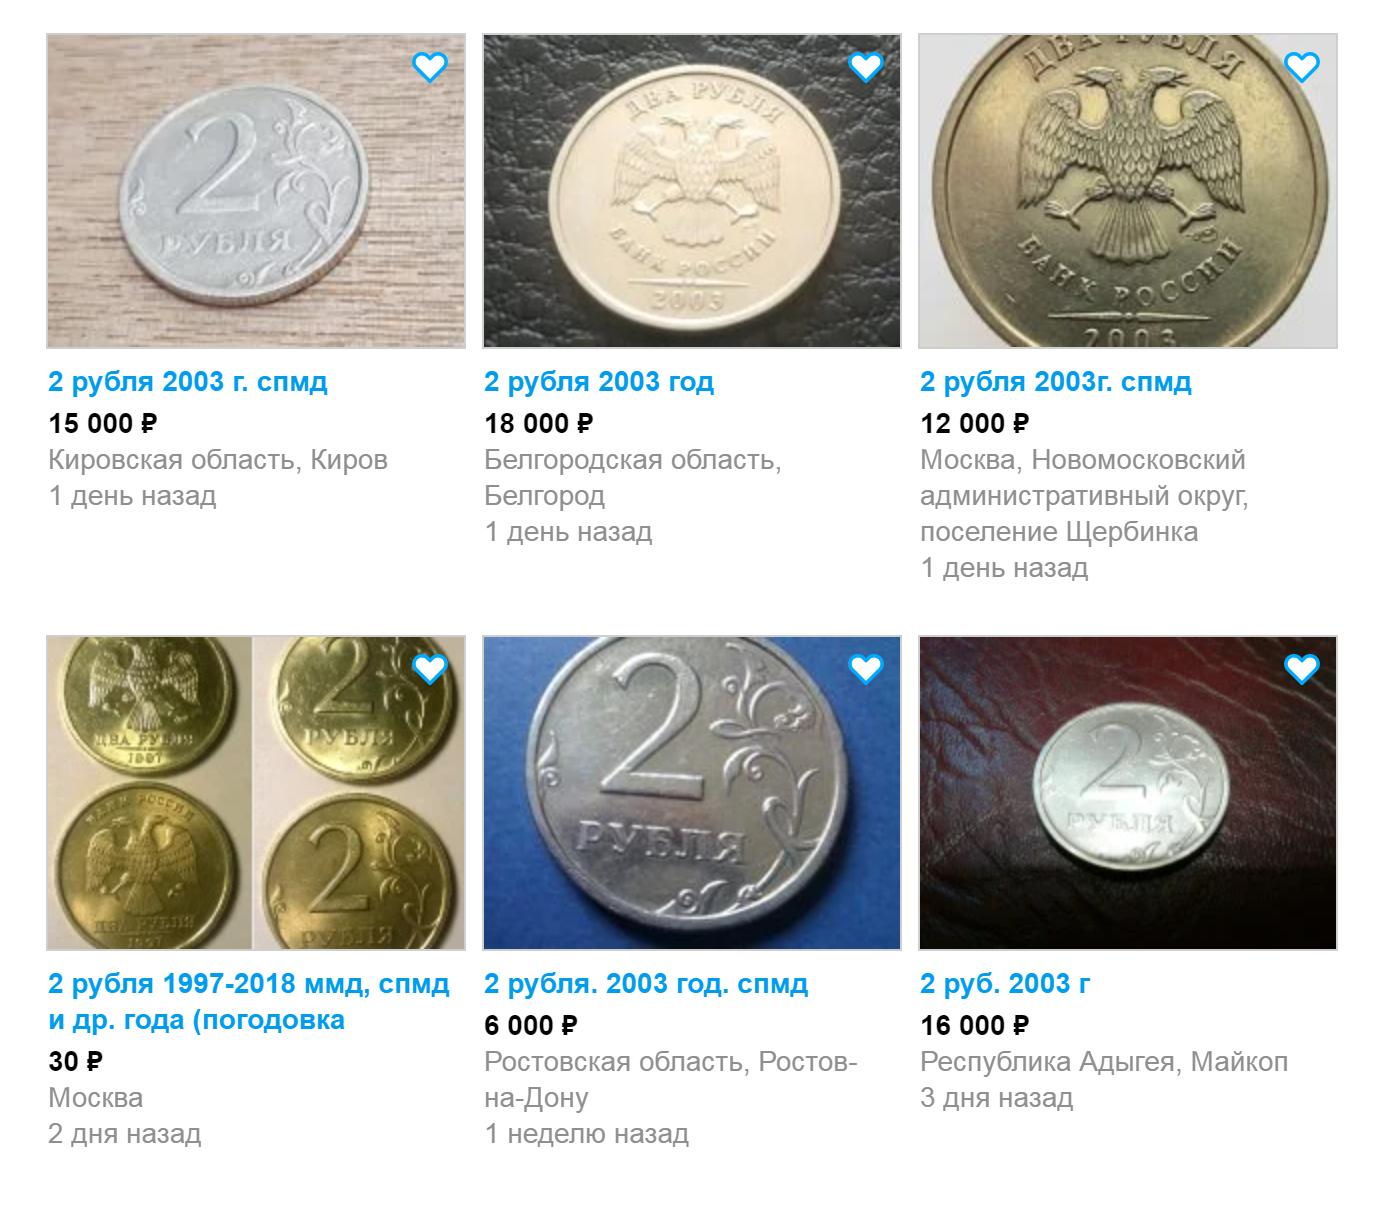 В 2020 году такие монеты, как моя, продаются на&nbsp;«Авито» за 13 000—15 000<span class=ruble>Р</span>